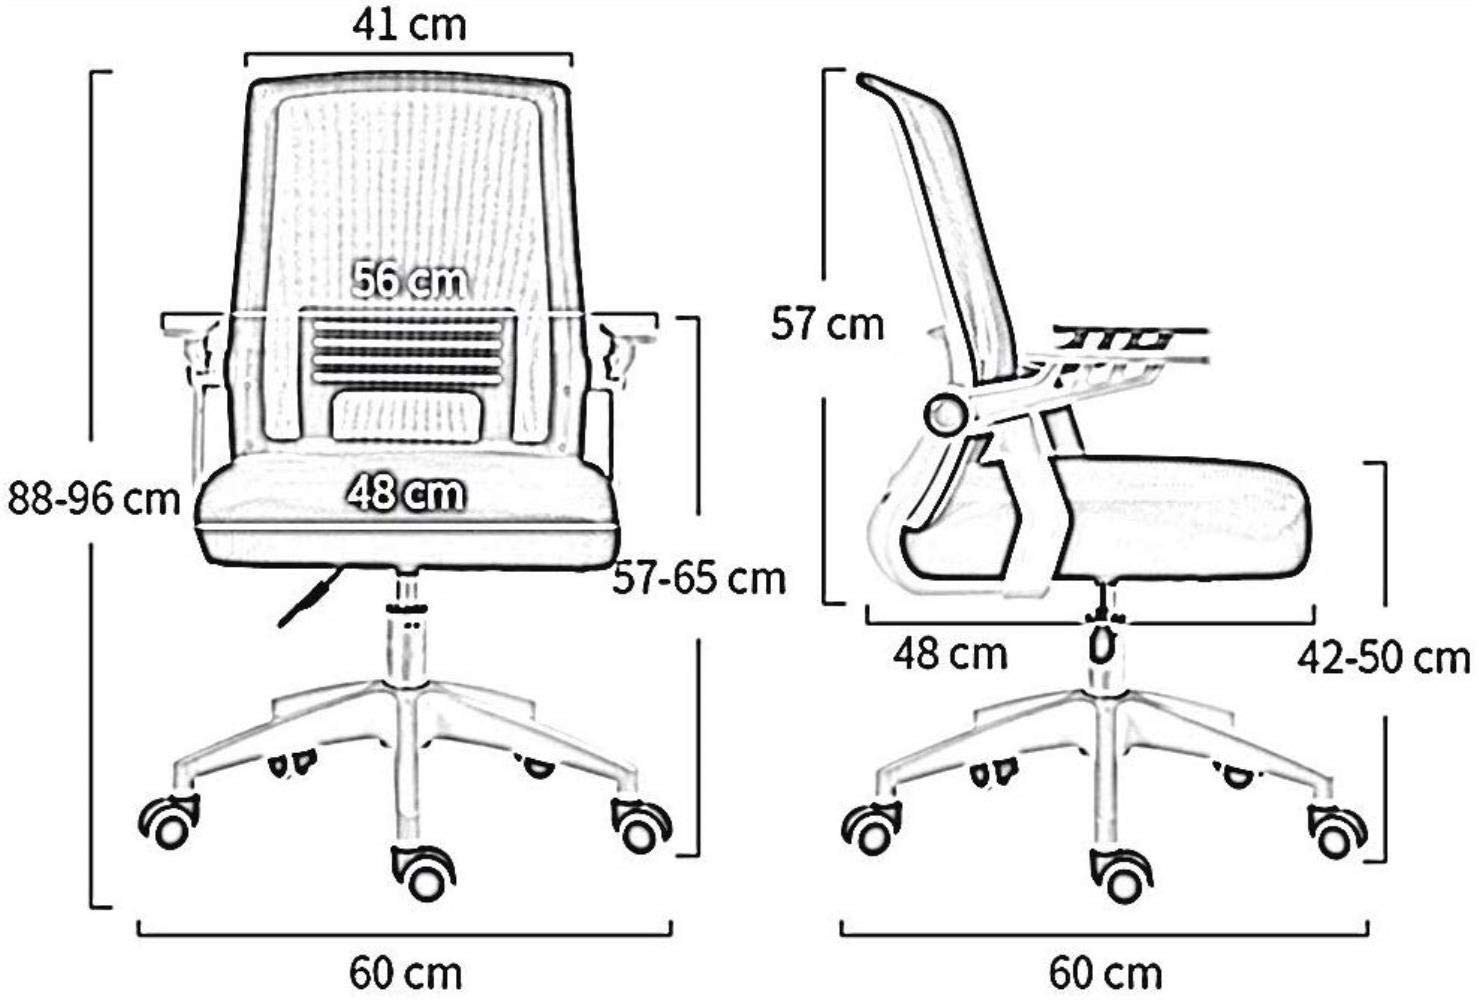 Barstolar Xiuyun nät kontorsstol fällbart armstöd hem dator stol skrivbord stol med ländrygg stöd roterande komfort säte lutningsfunktion svart ram lager gRÖN gRÖN